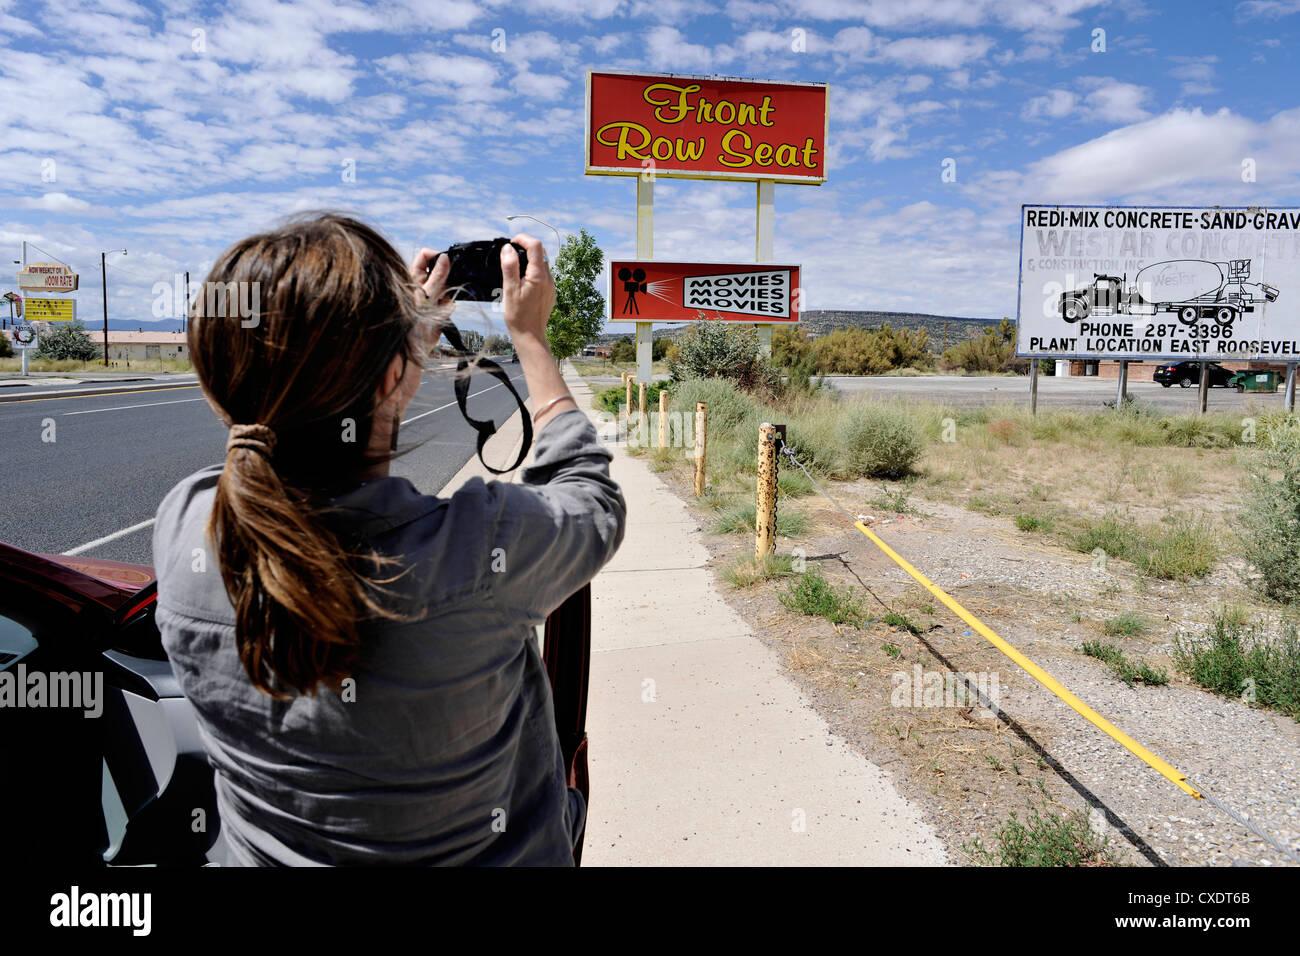 Tourist/Reisenden fotografieren Front Row Seat Kinofilme/Zeichen, Route 66 USA Stockbild